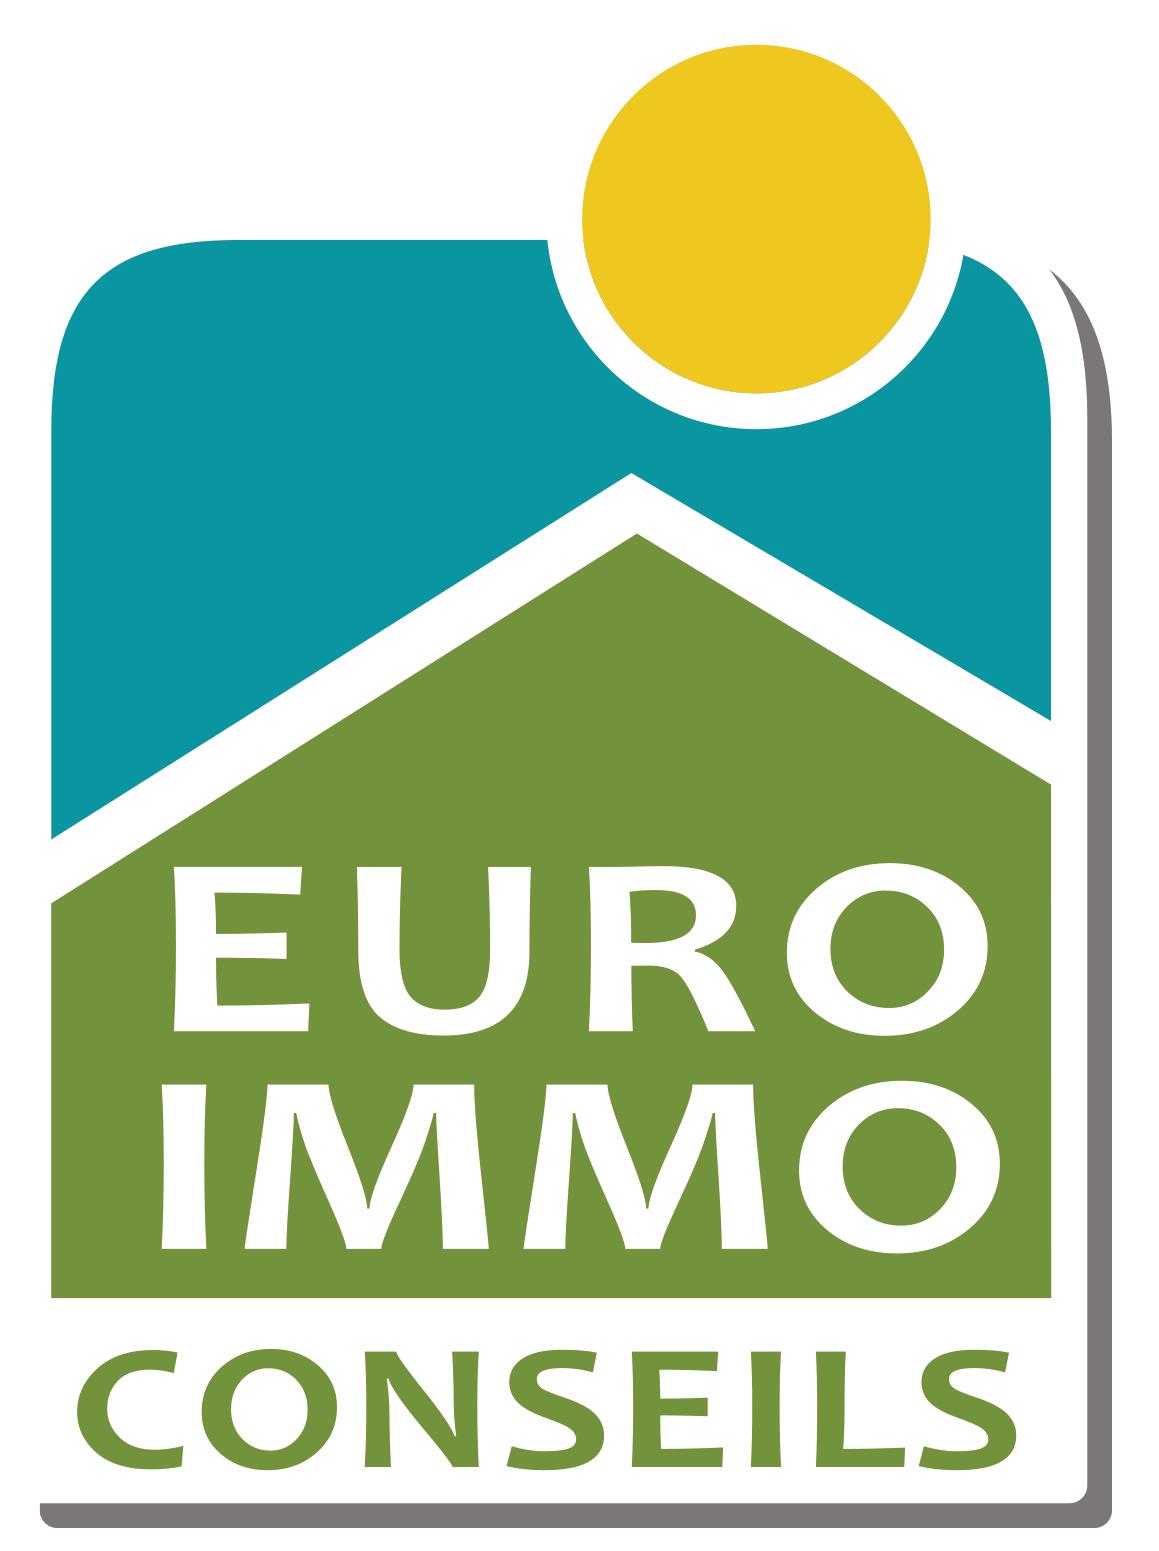 EURO IMMO CONSEILS